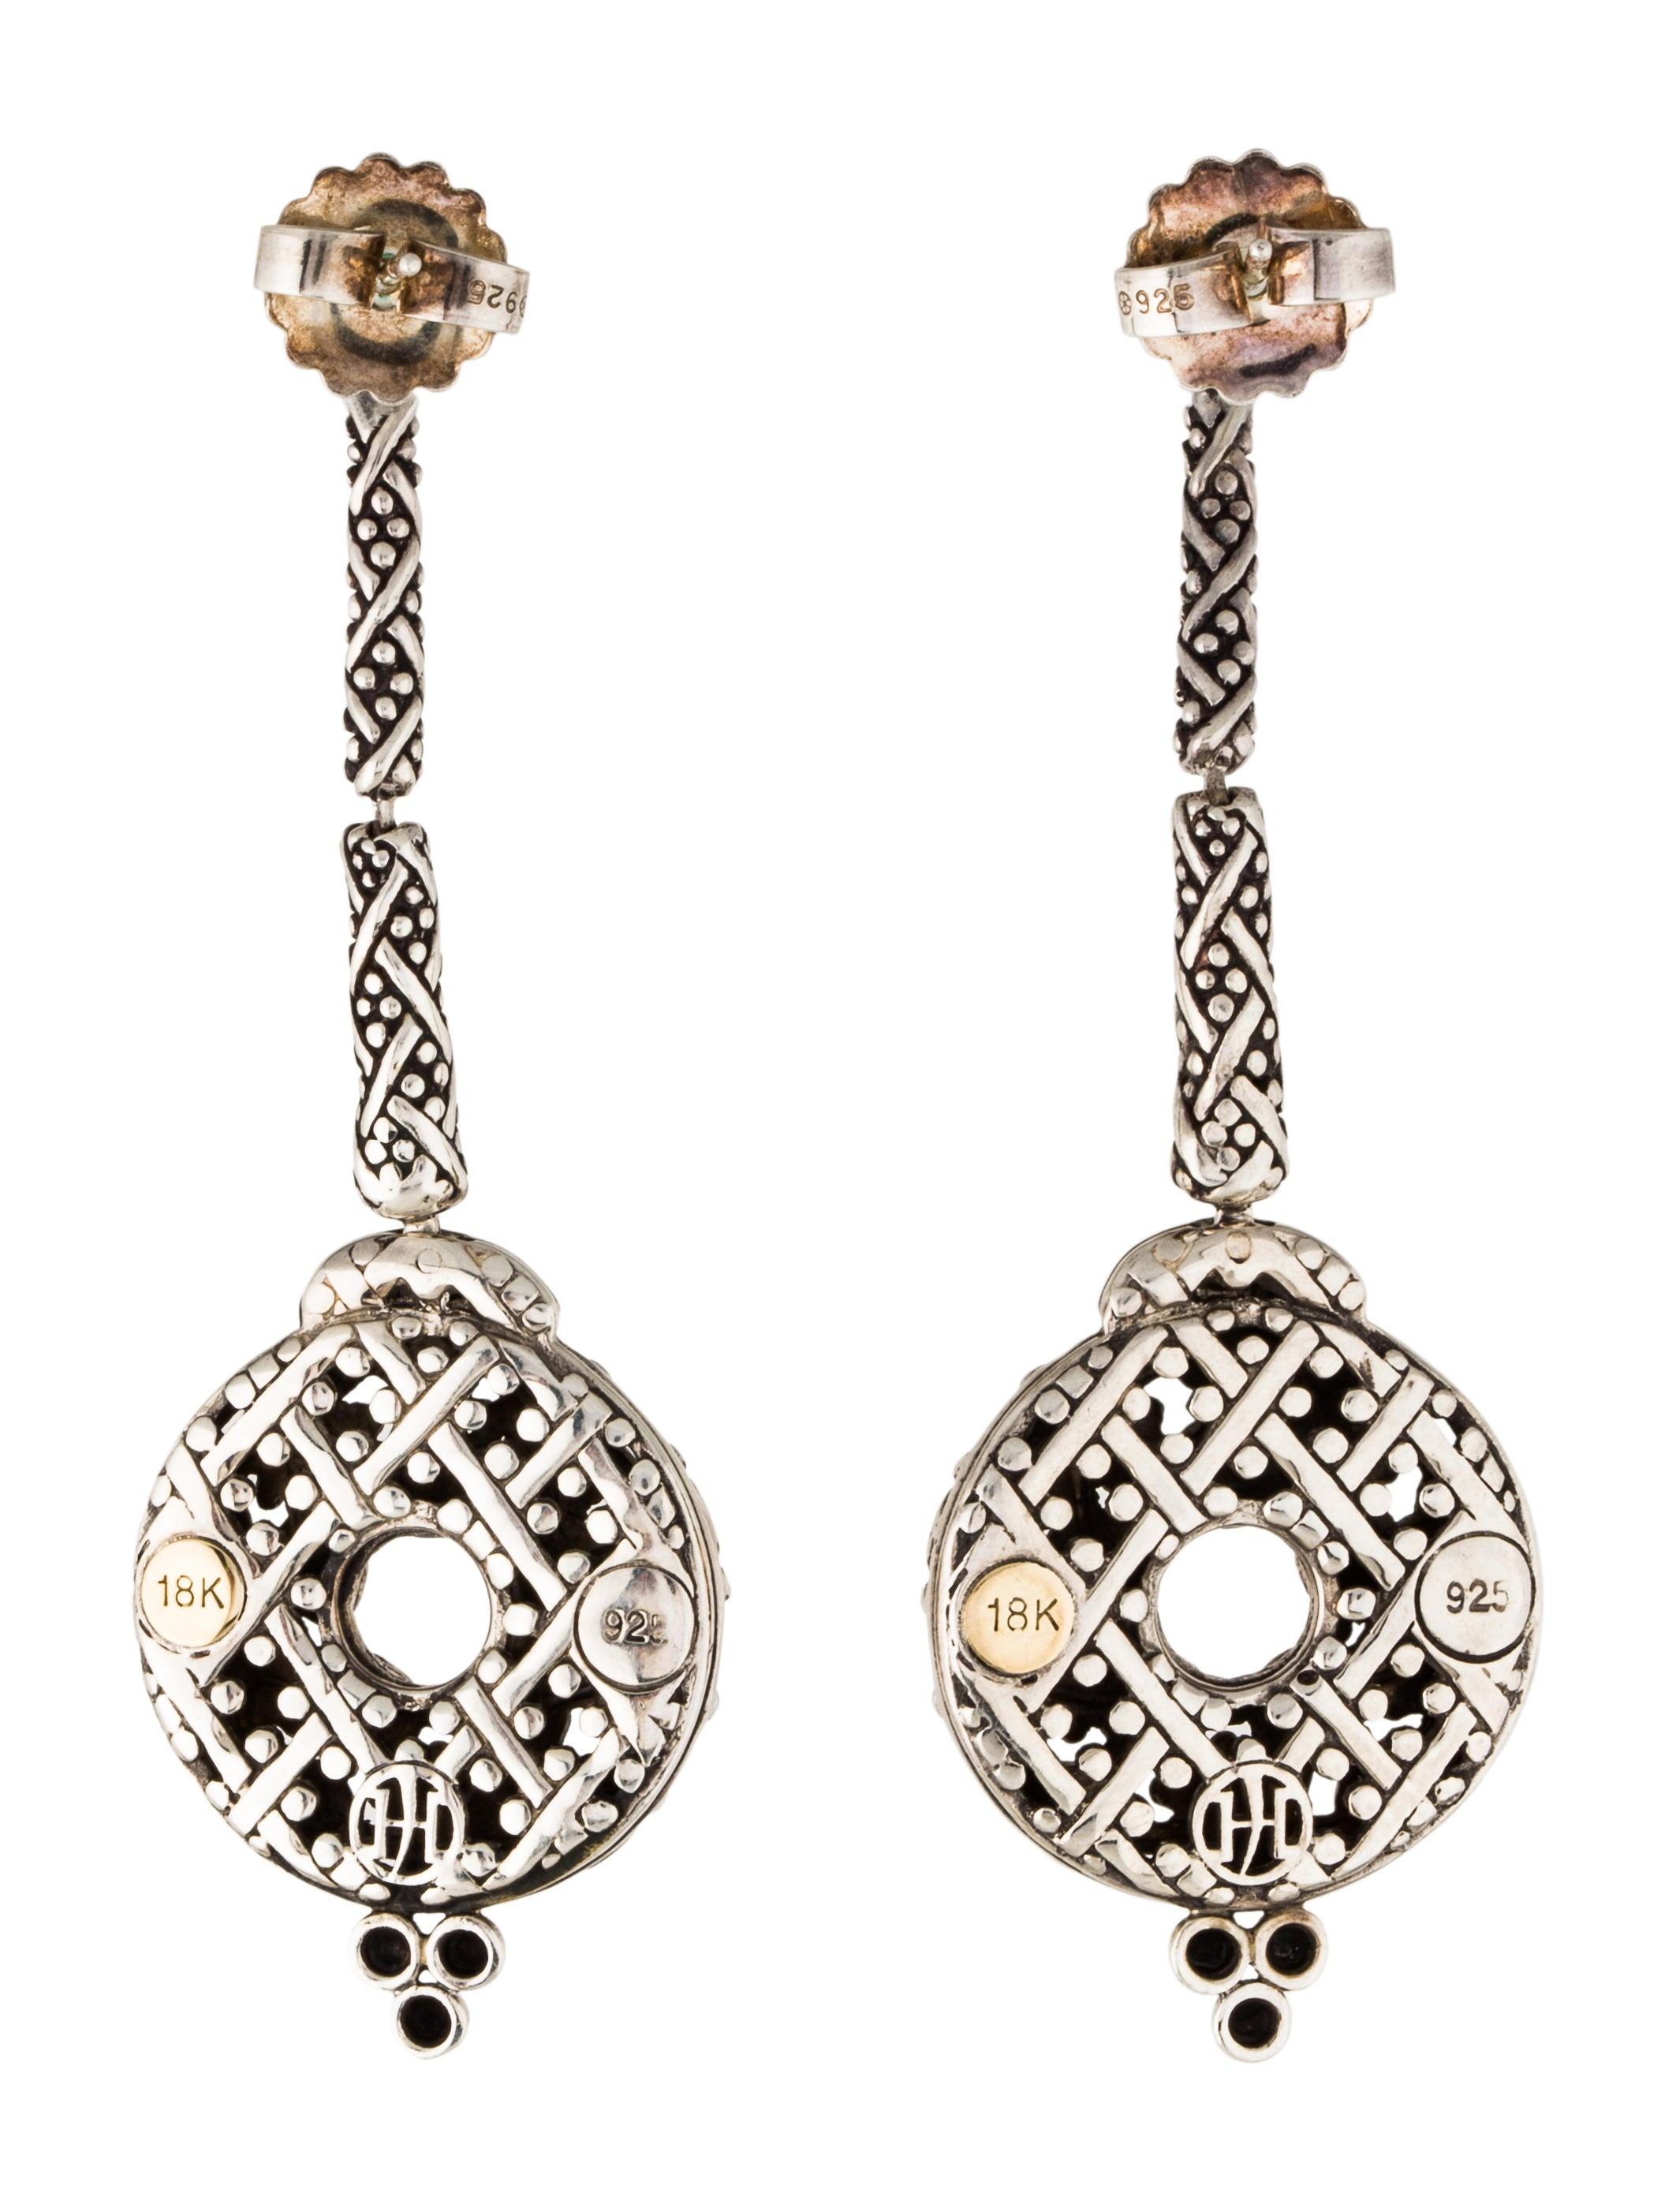 John hardy two tone jaisalmer drop earrings earrings for John hardy jewelry earrings